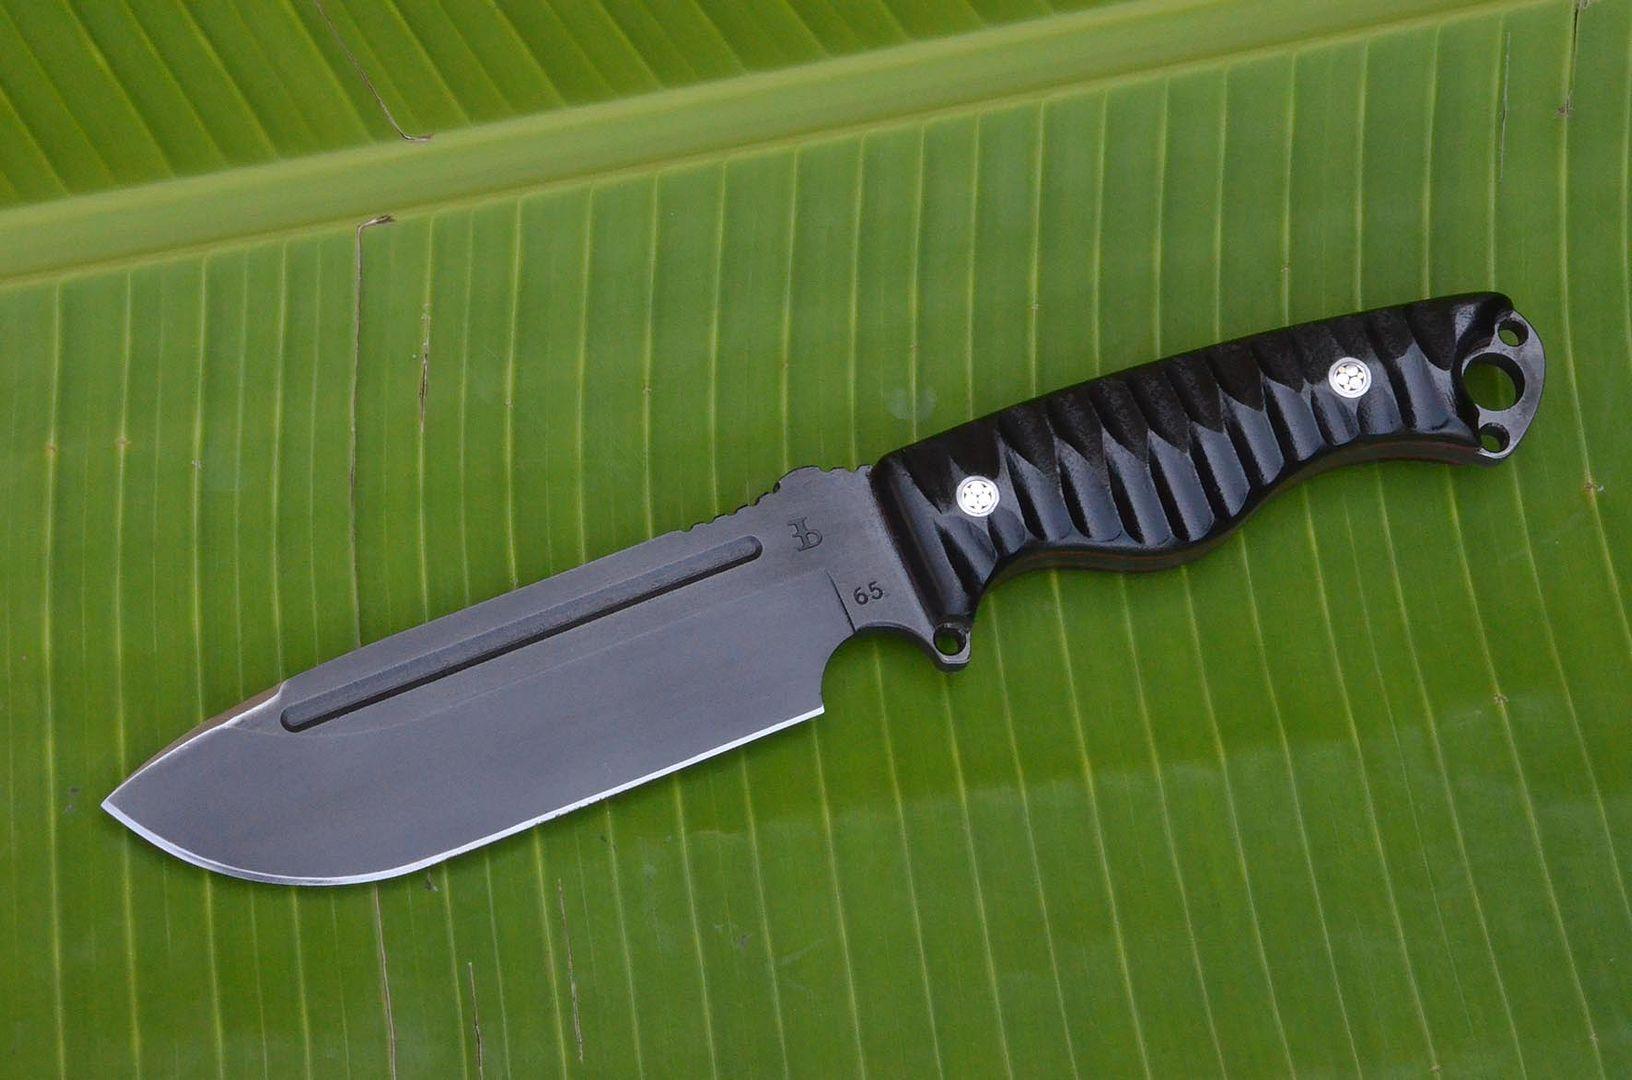 les couteaux du trefle - Page 9 DSC_0288_zpsduiqkwet